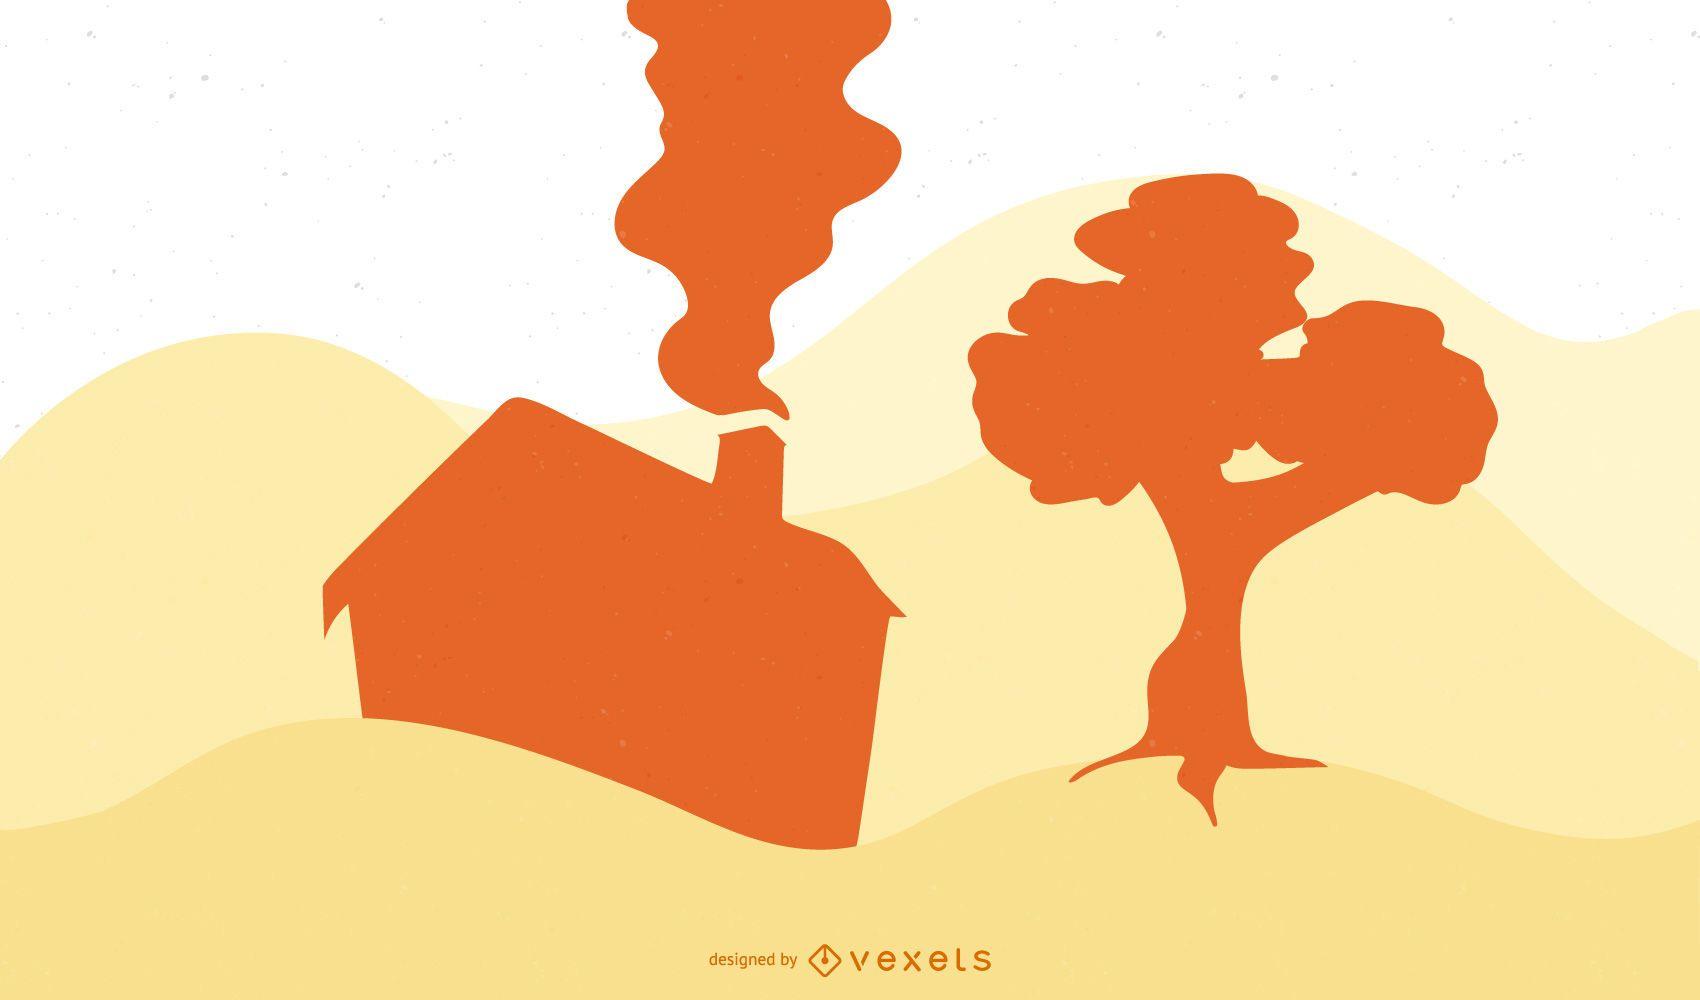 Casa y paisaje de silueta de árbol de roble